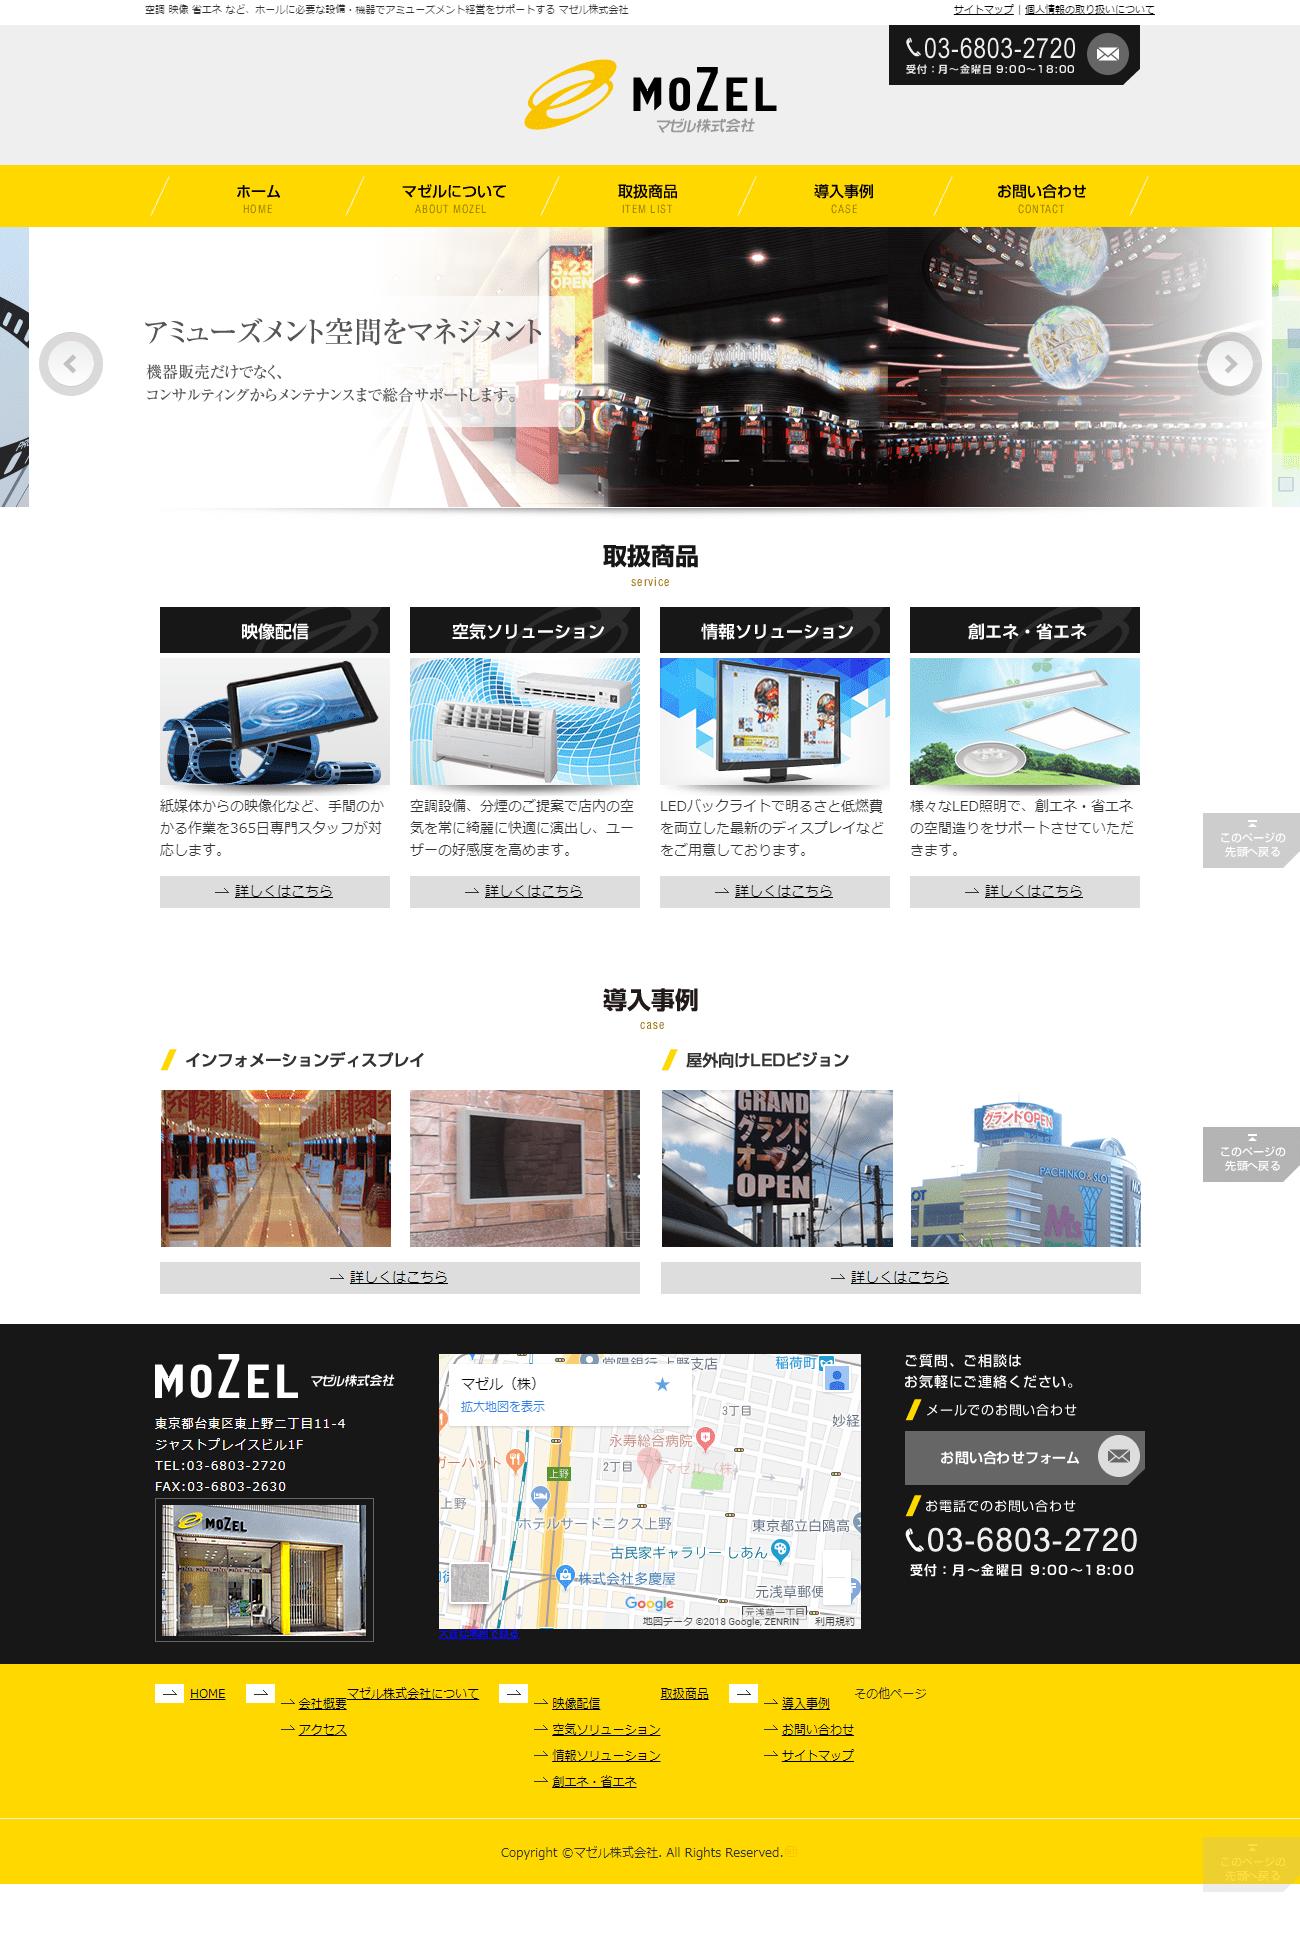 台東区 マゼル株式会社様 ホームページ制作1